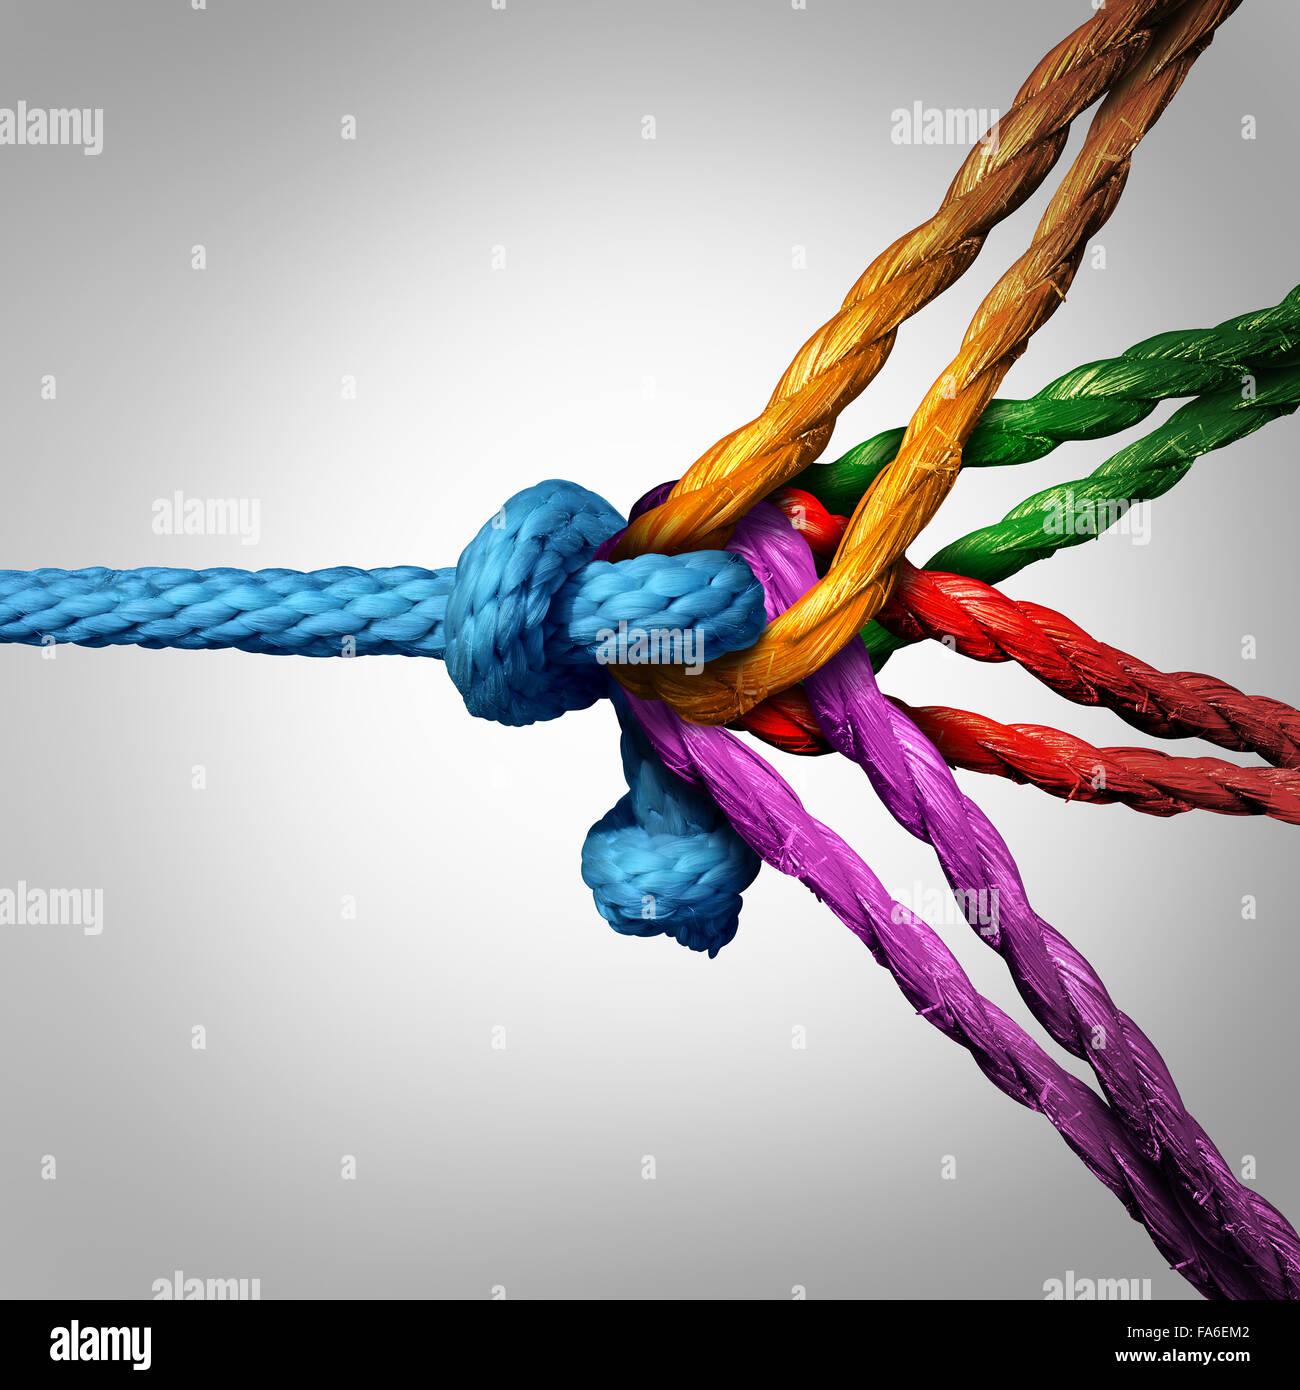 Concepto de grupo conectado como diferentes cuerdas atadas y vinculadas entre sí como una cadena irrompible Imagen De Stock